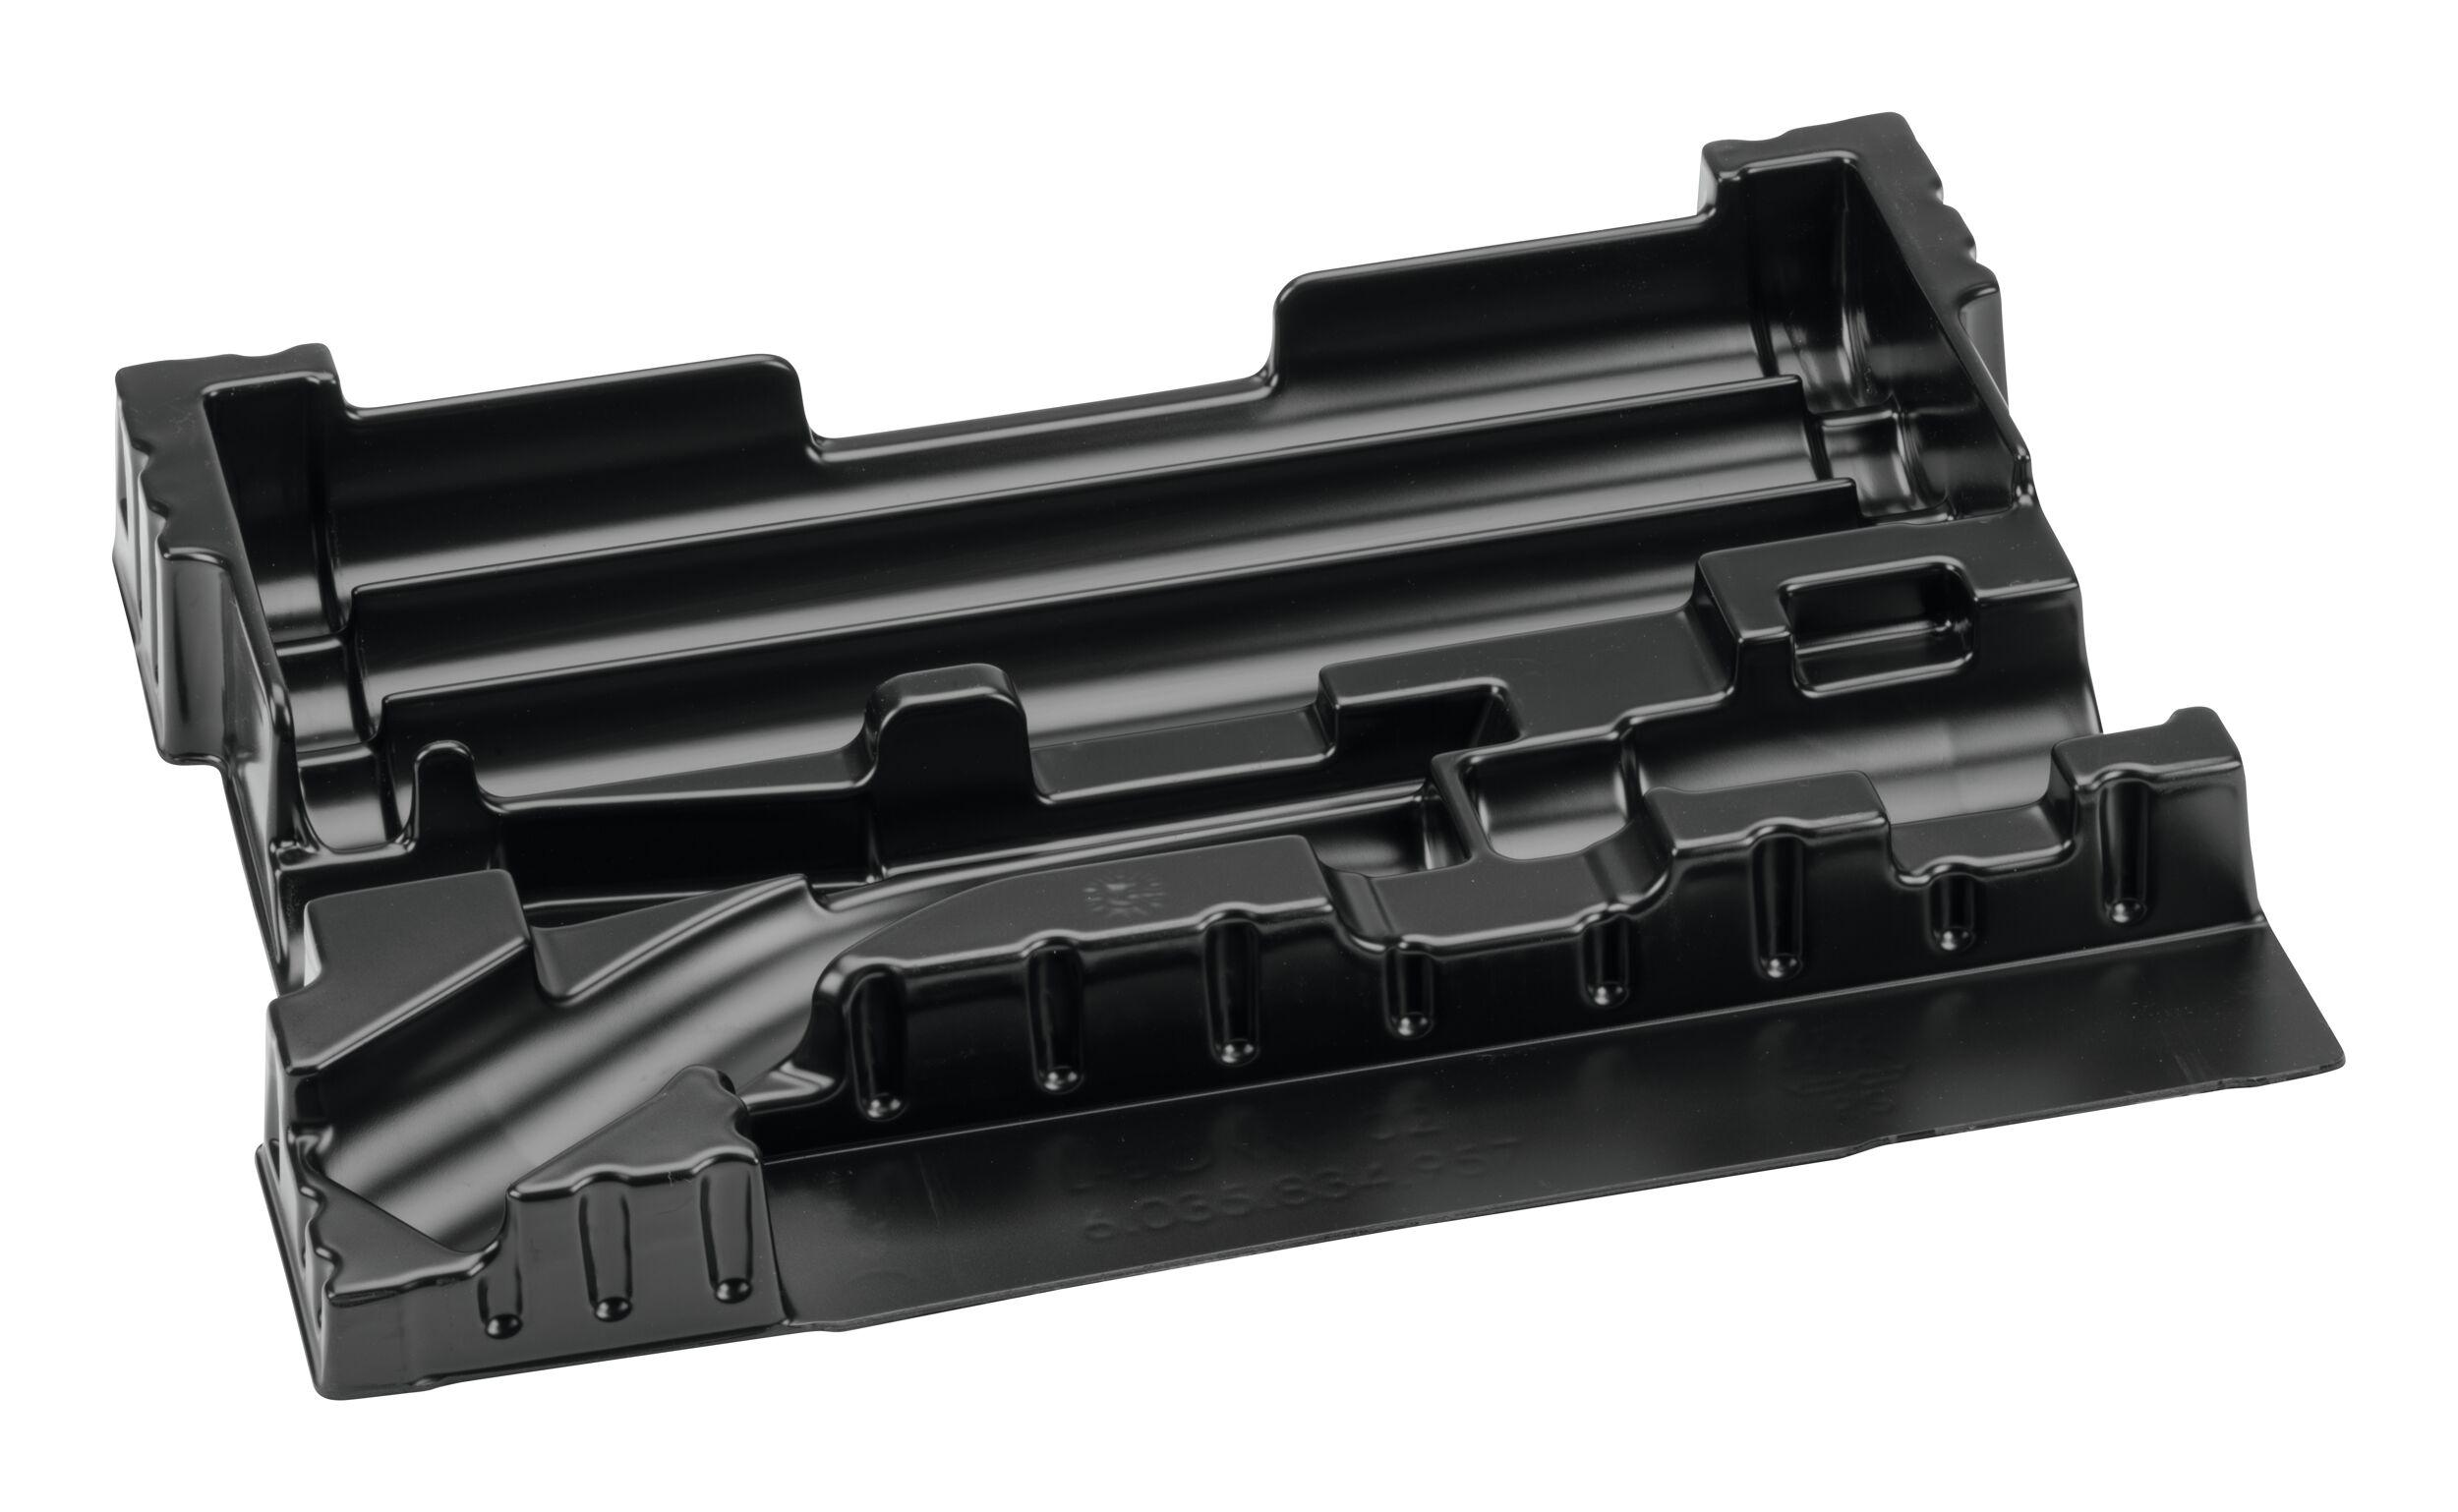 Blau Professional Einlage zur Werkzeugaufbewahrung für Zubehör GAS... 1600A003R9